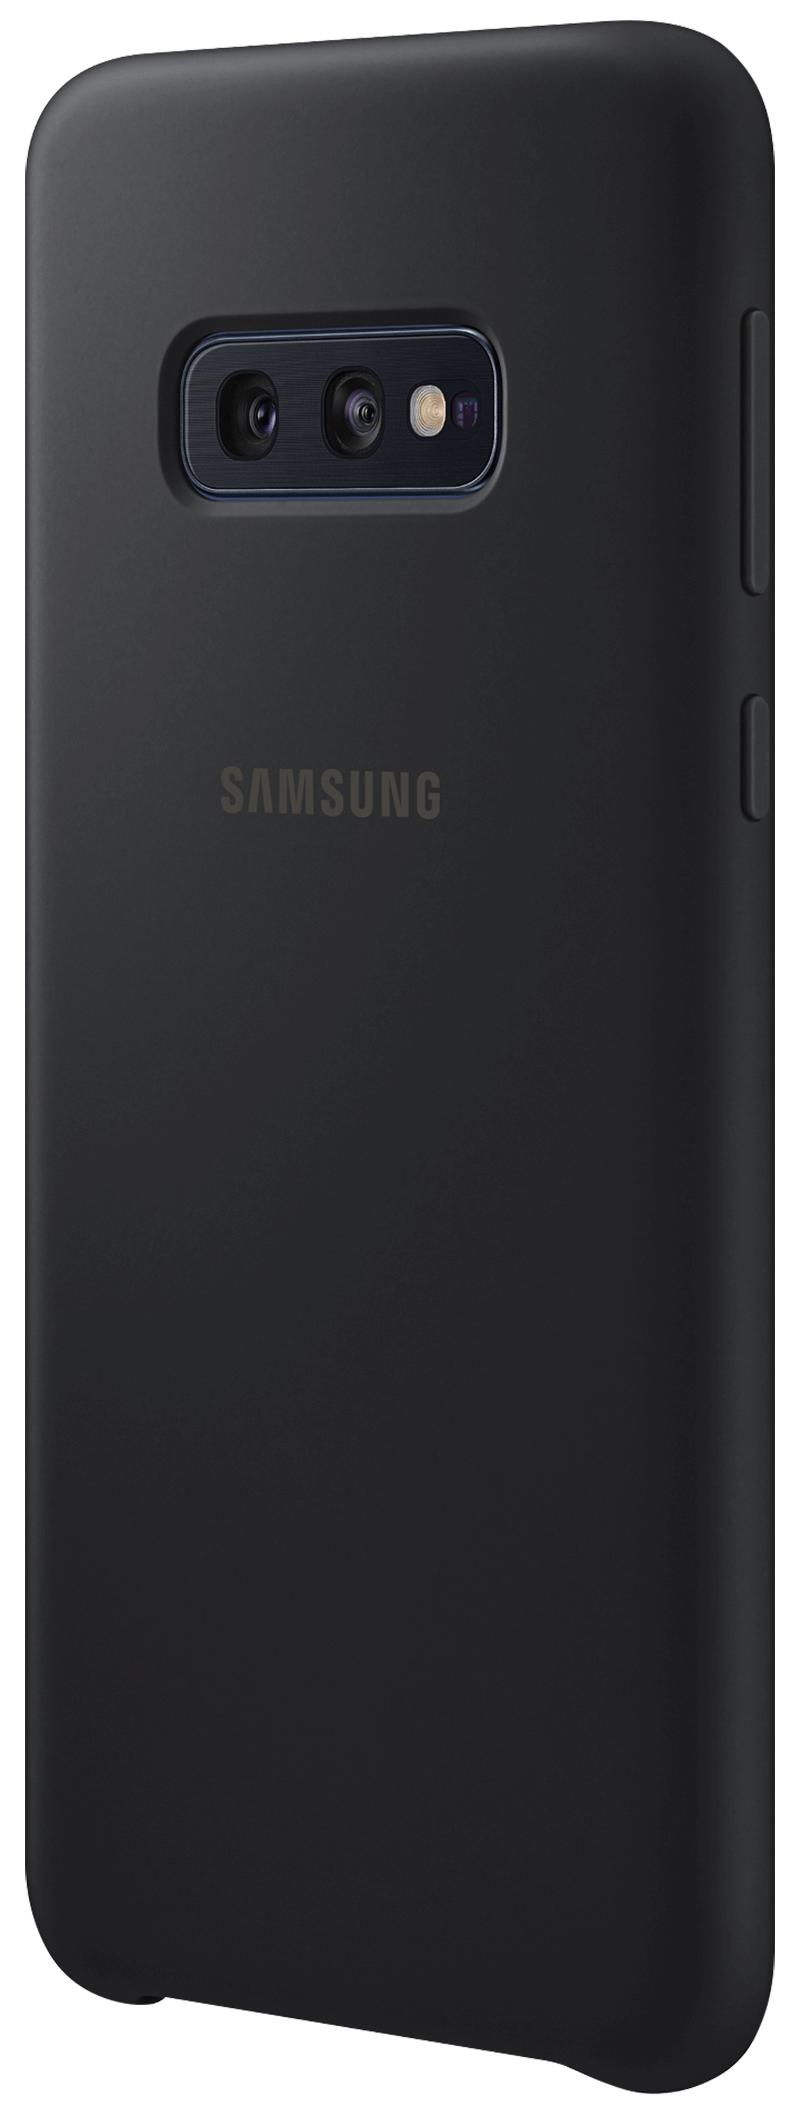 Coque Samsung silicone Galaxy S10e noir